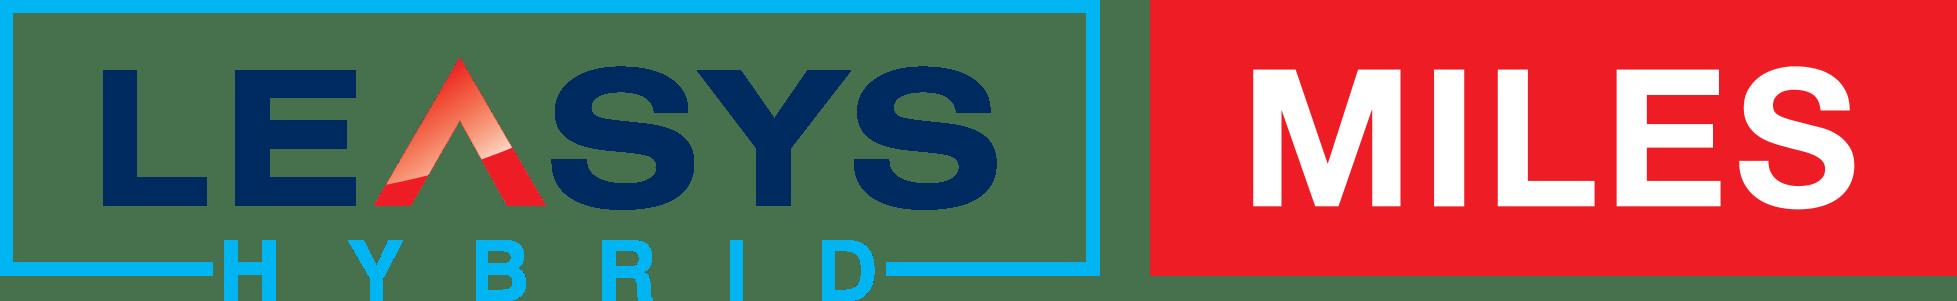 leasys Miles Hybrid